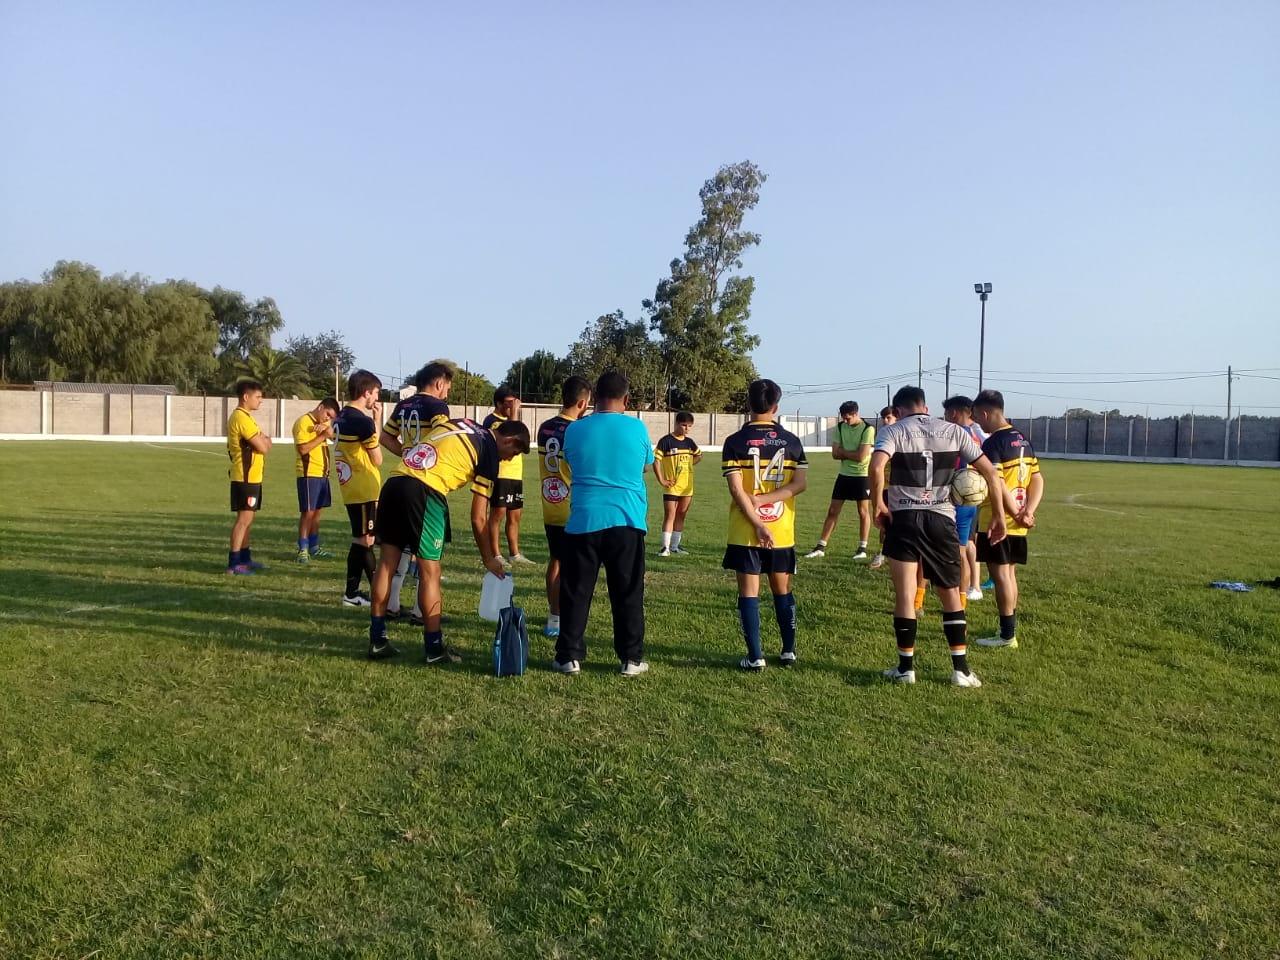 Copa de Clubes: Independencia le ganó a Lima FBC en amistoso jugado el martes